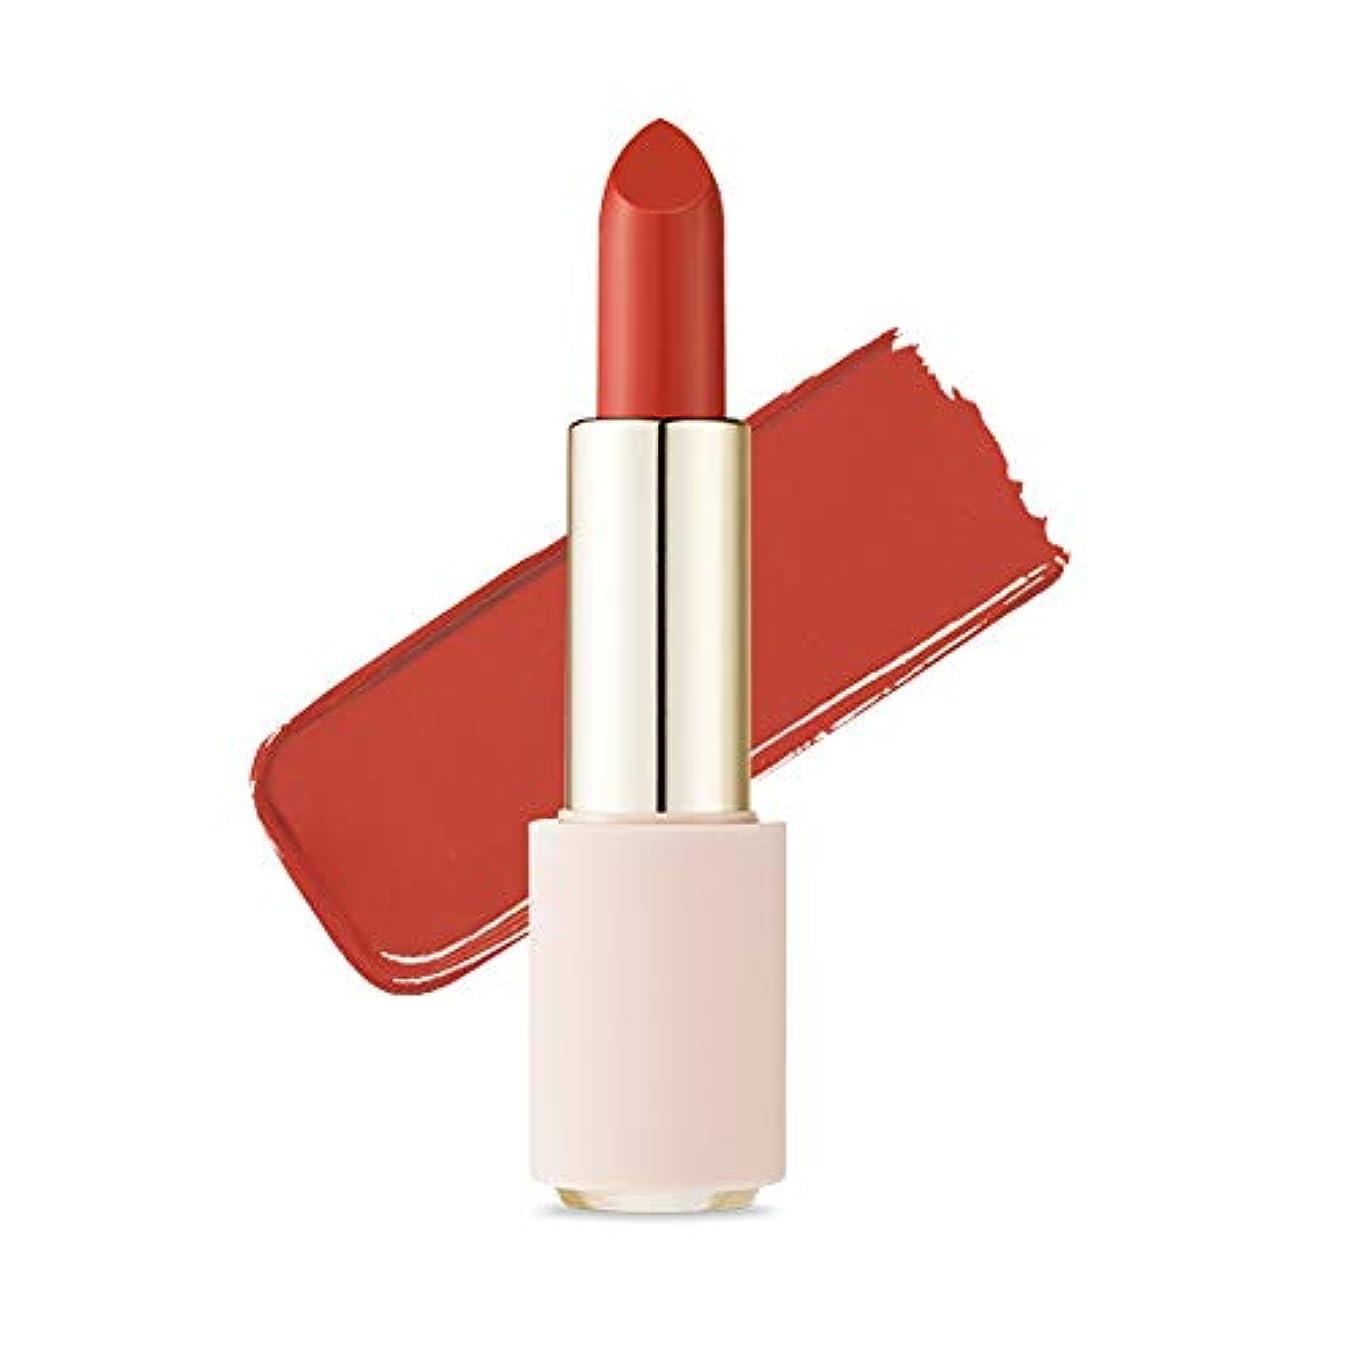 ファンブル狂人火山学者Etude House Better Lips Talk エチュードハウス ベター リップス - トーク (# BR401 Wishy Washy Red) [並行輸入品]